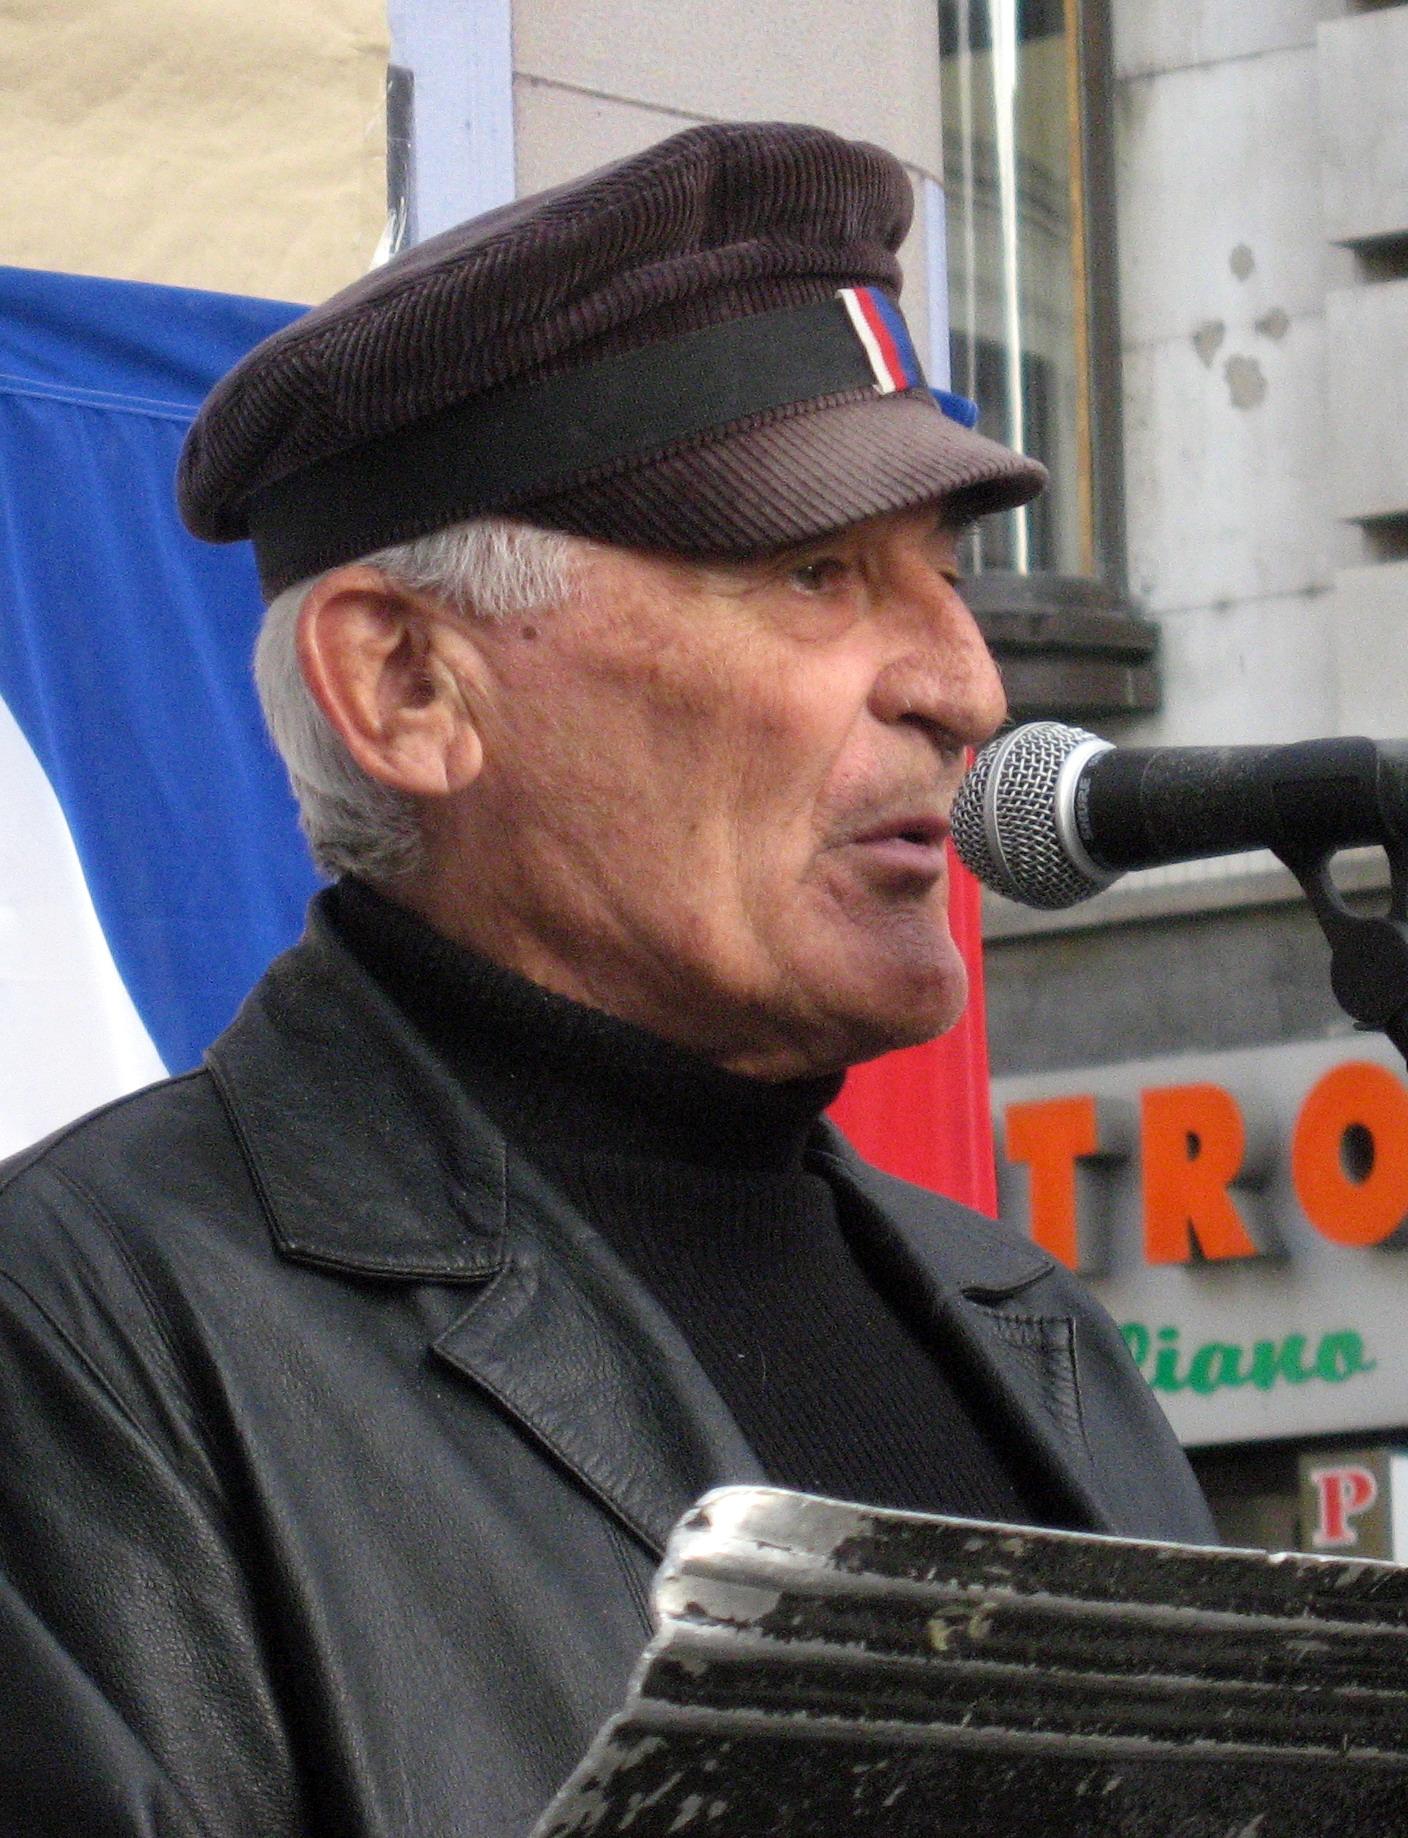 Plnou rehabilitaci skupiny bratří Mašínů provedli nakonec komunisté